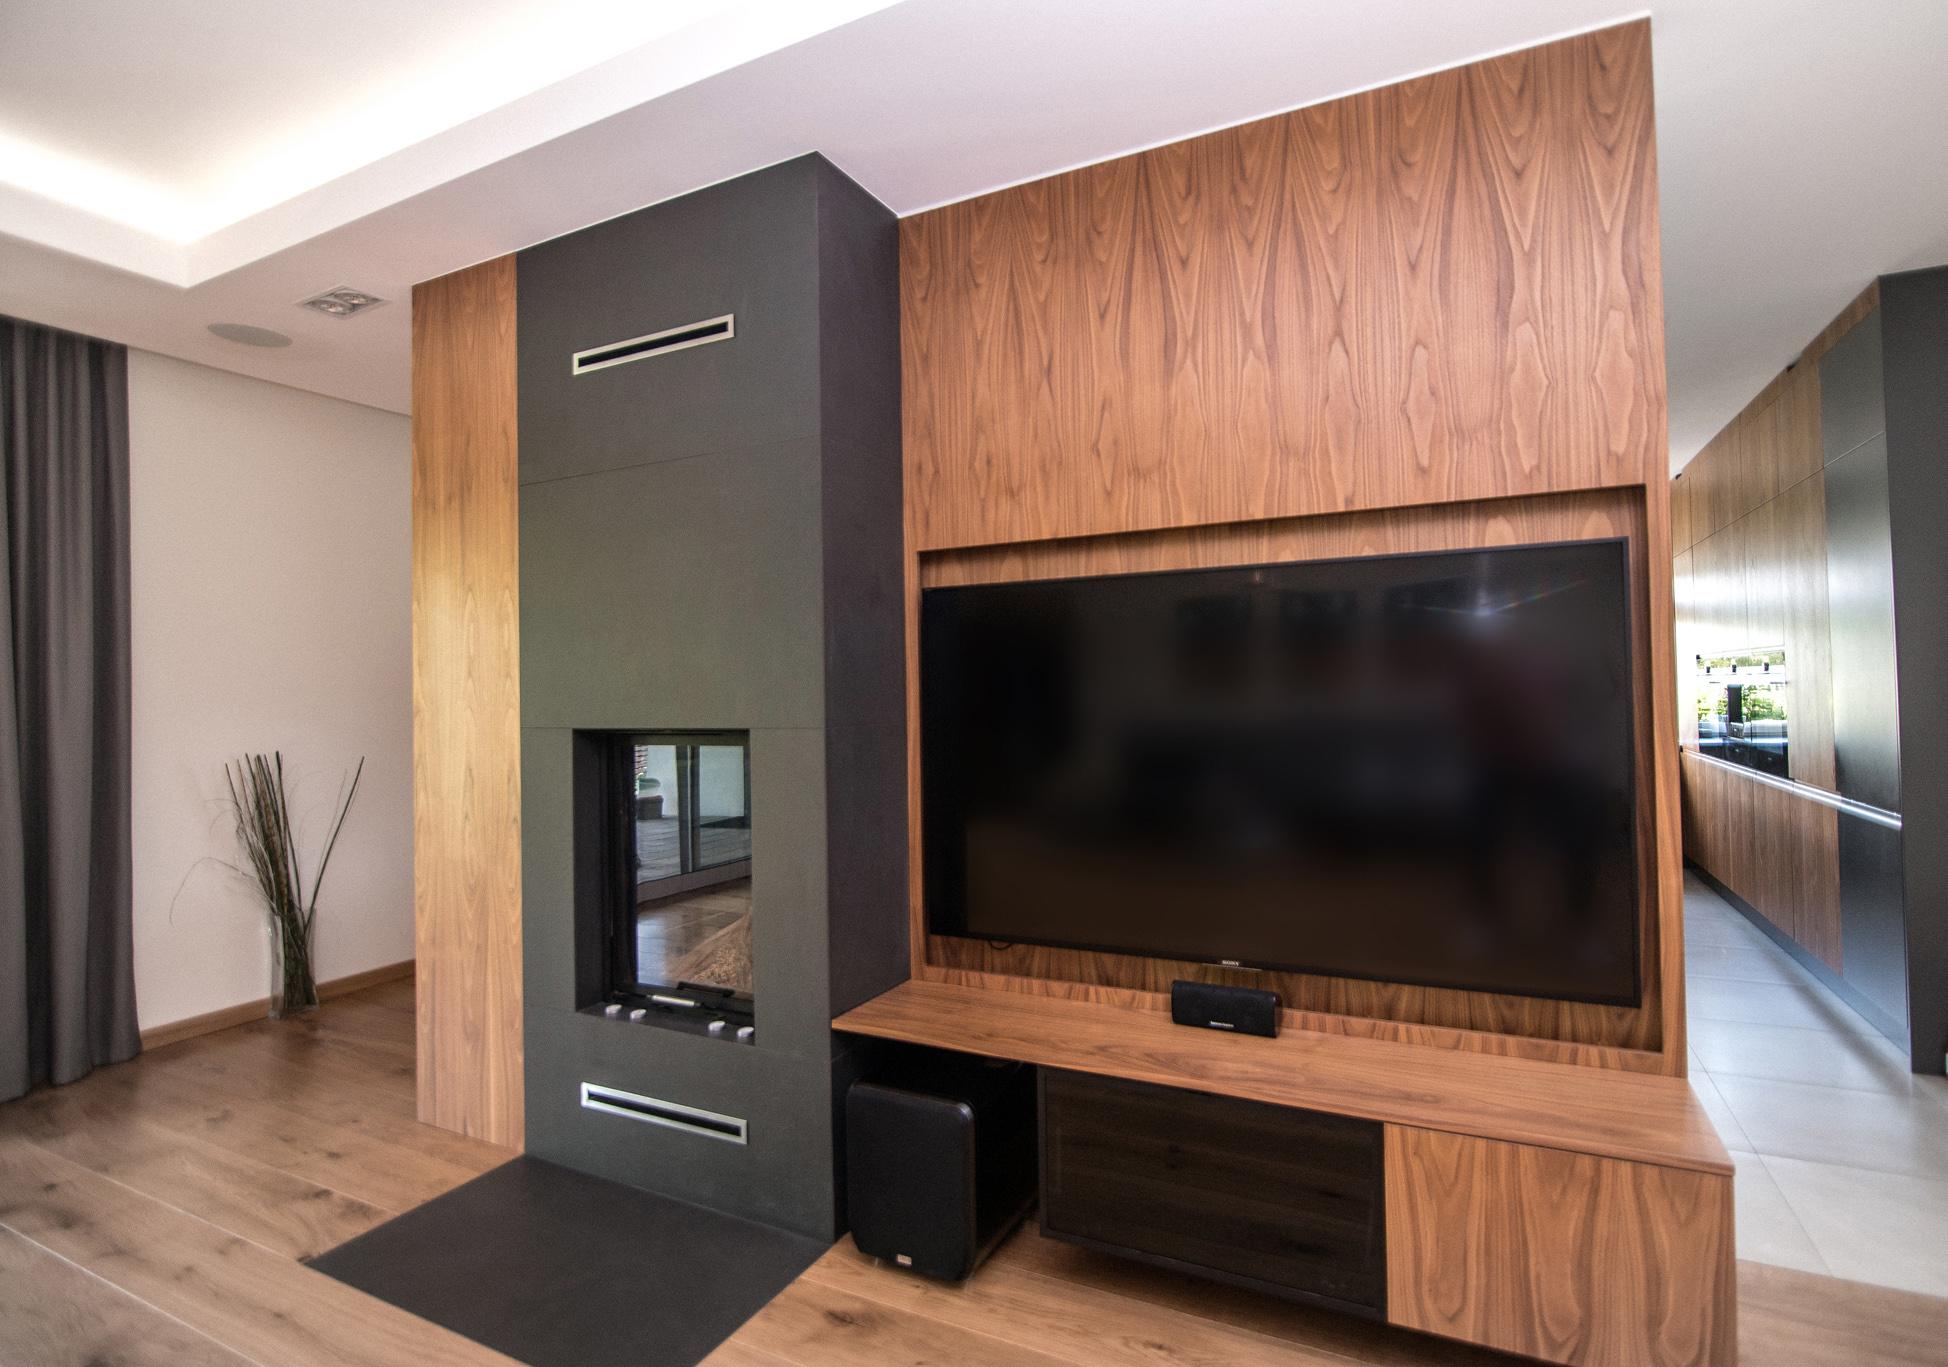 sciana telewizyjna, obudowa telewizora